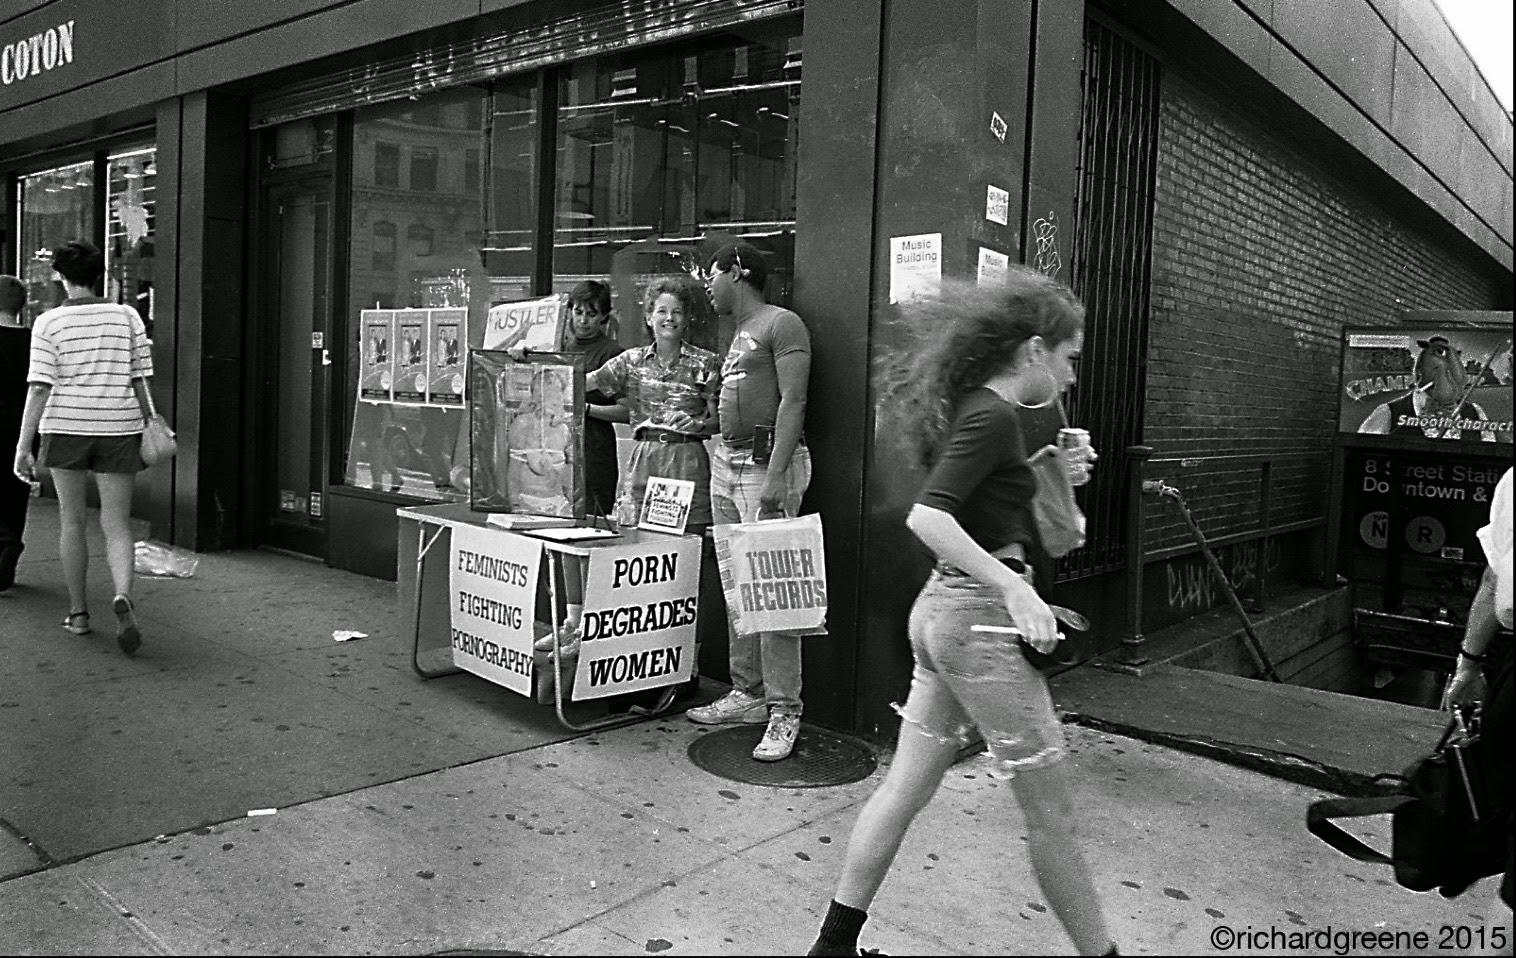 Ativistas feministas anti-pornografia nos anos 1980